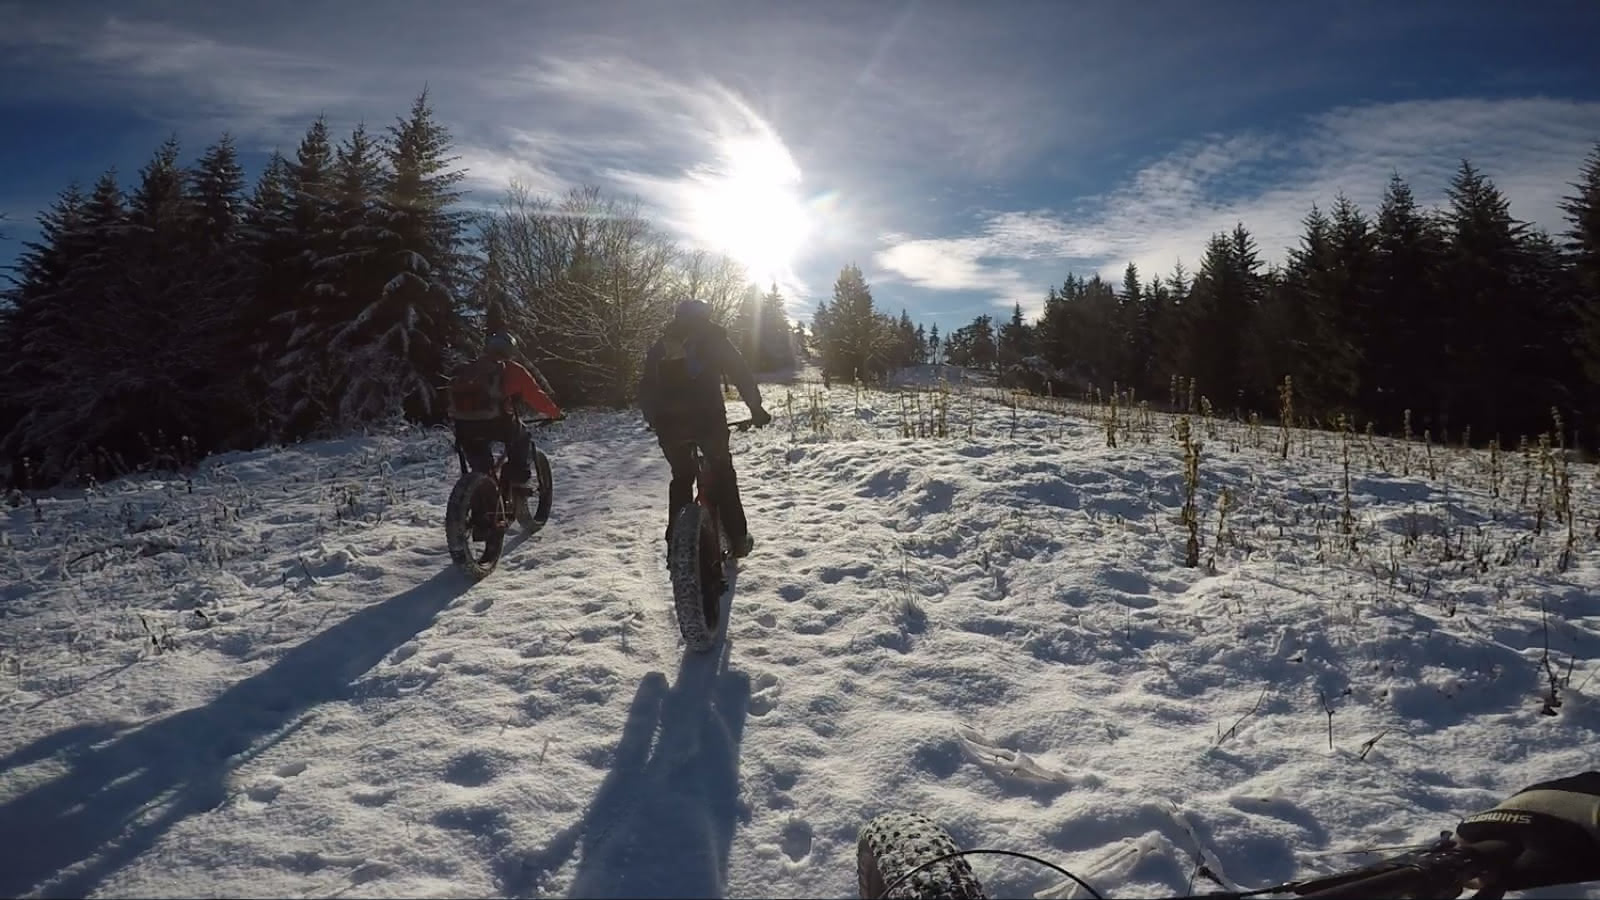 1er neige en Fatbike à assistance électrique dans le Vercors